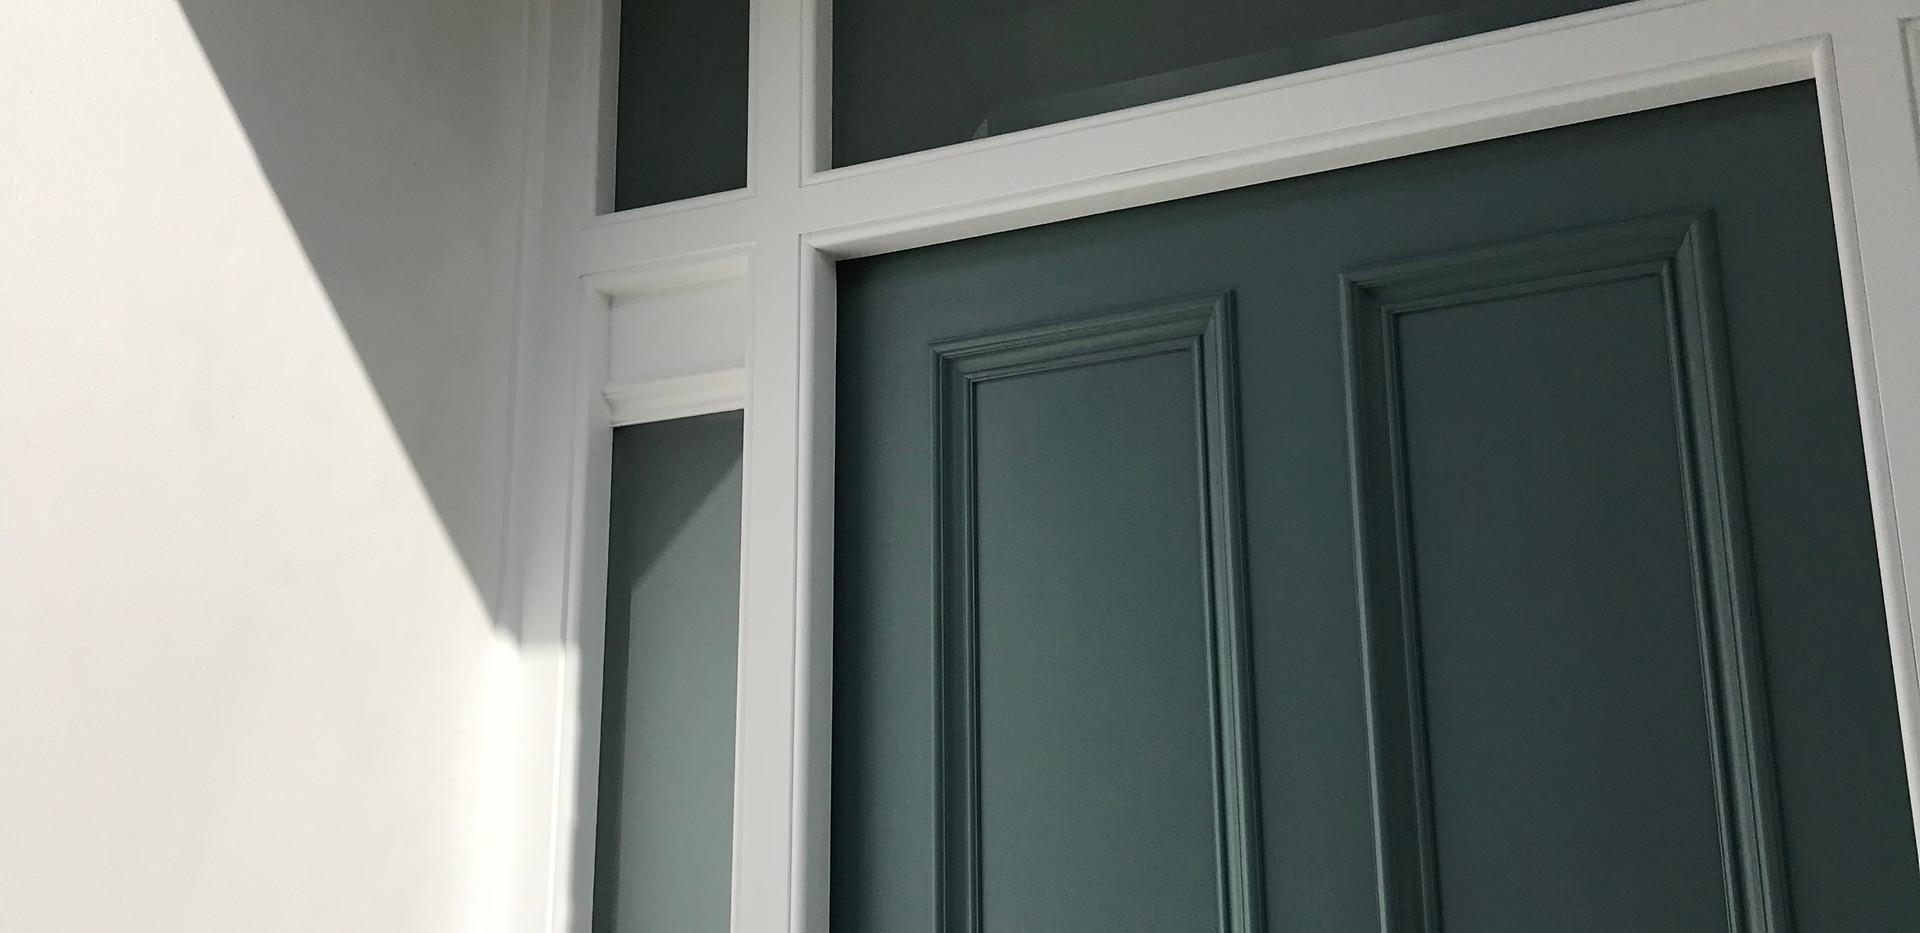 Edwardian period front door